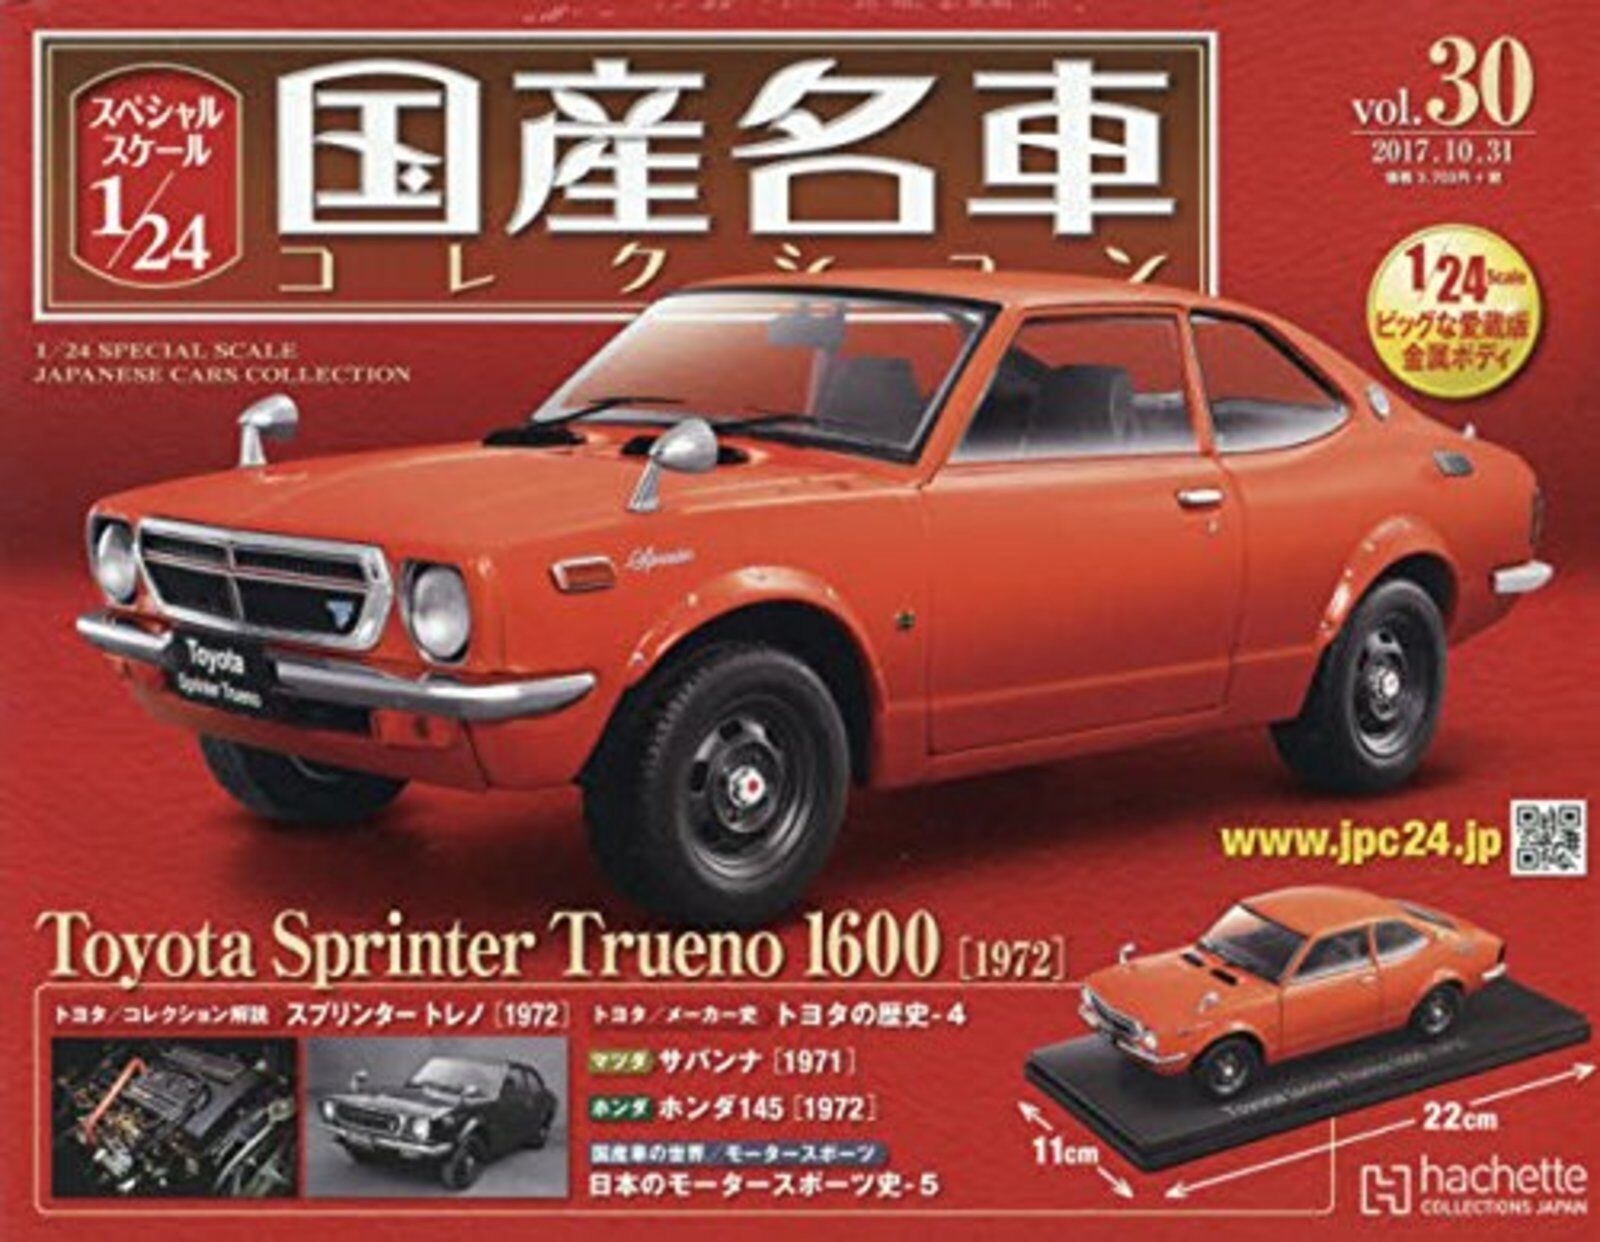 1/24 escala especial coches japoneses Colección Vol.30 Toyota Sprinter Trueno F/S